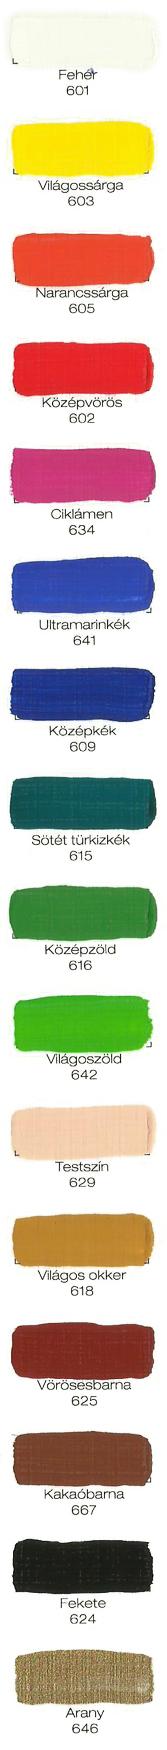 Pannoncolor Ecsetkész Tempera színskála